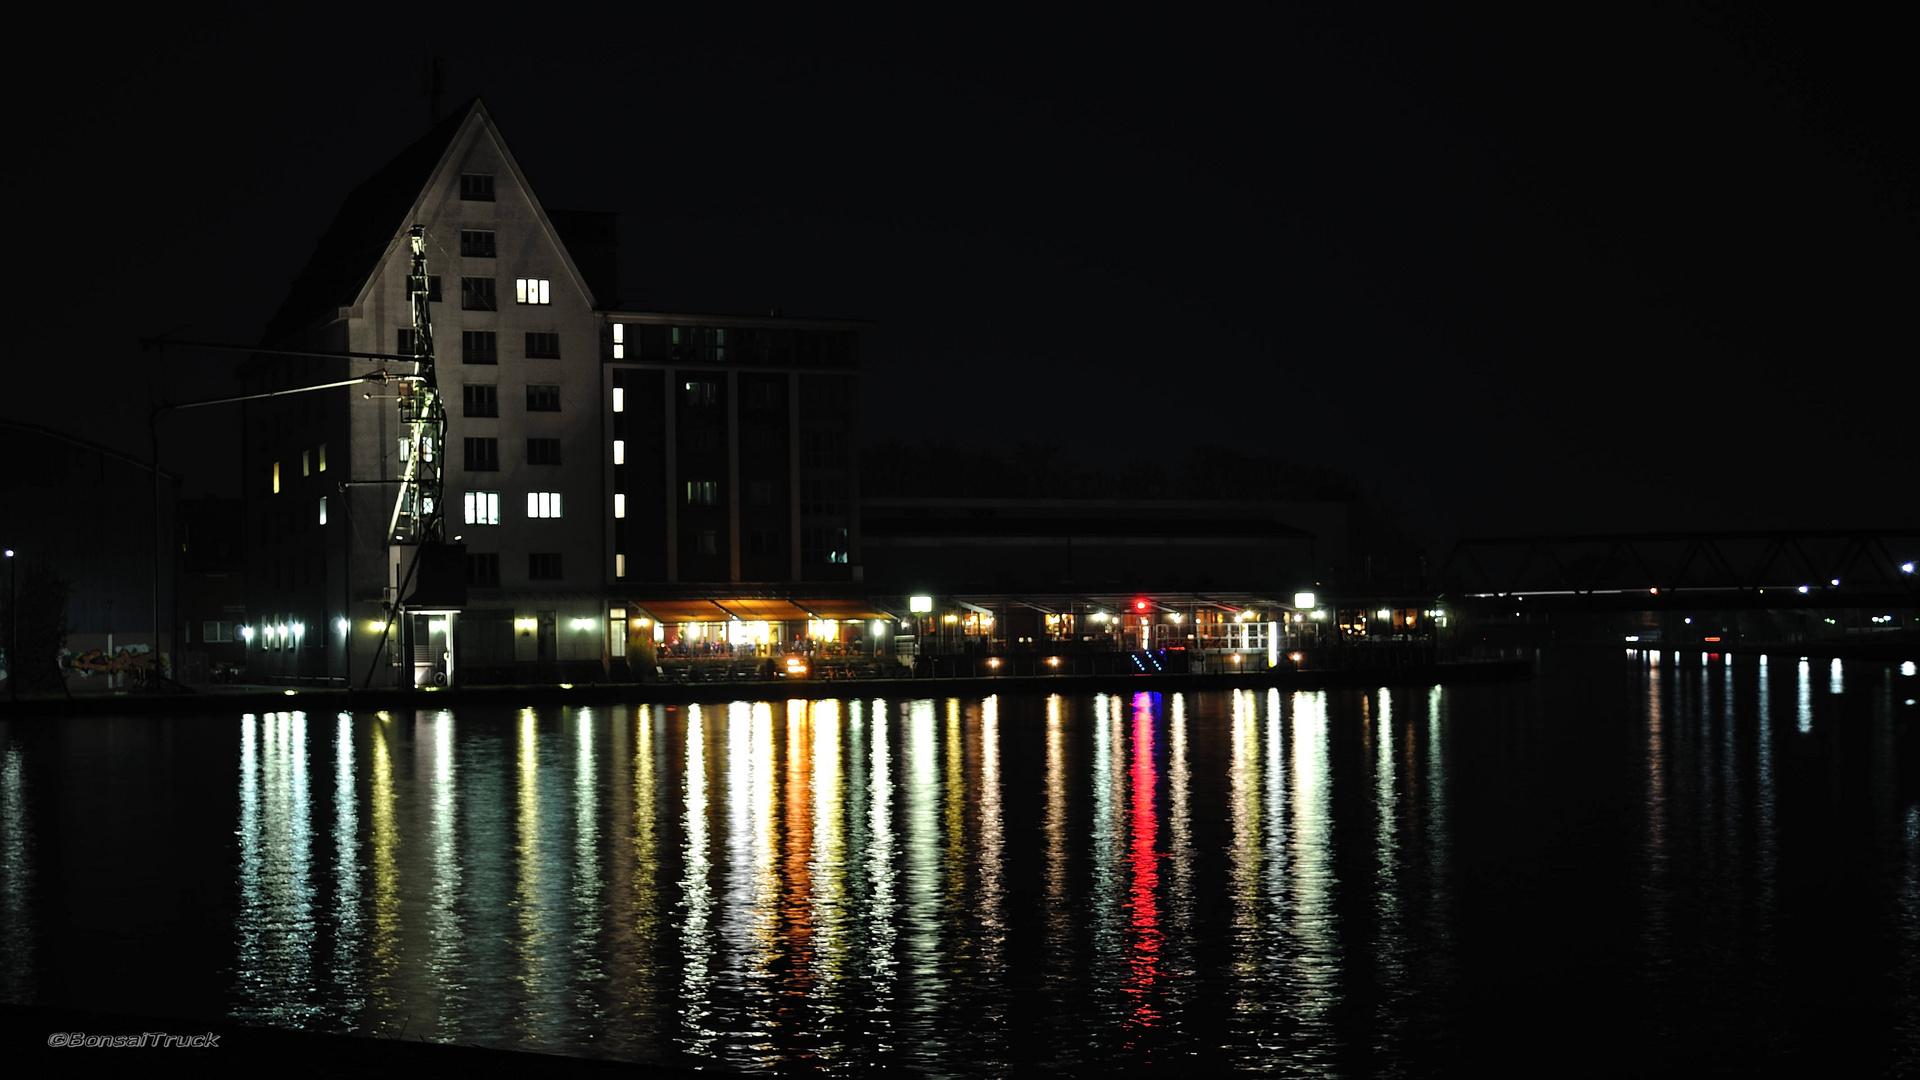 Münster - Hafen by night